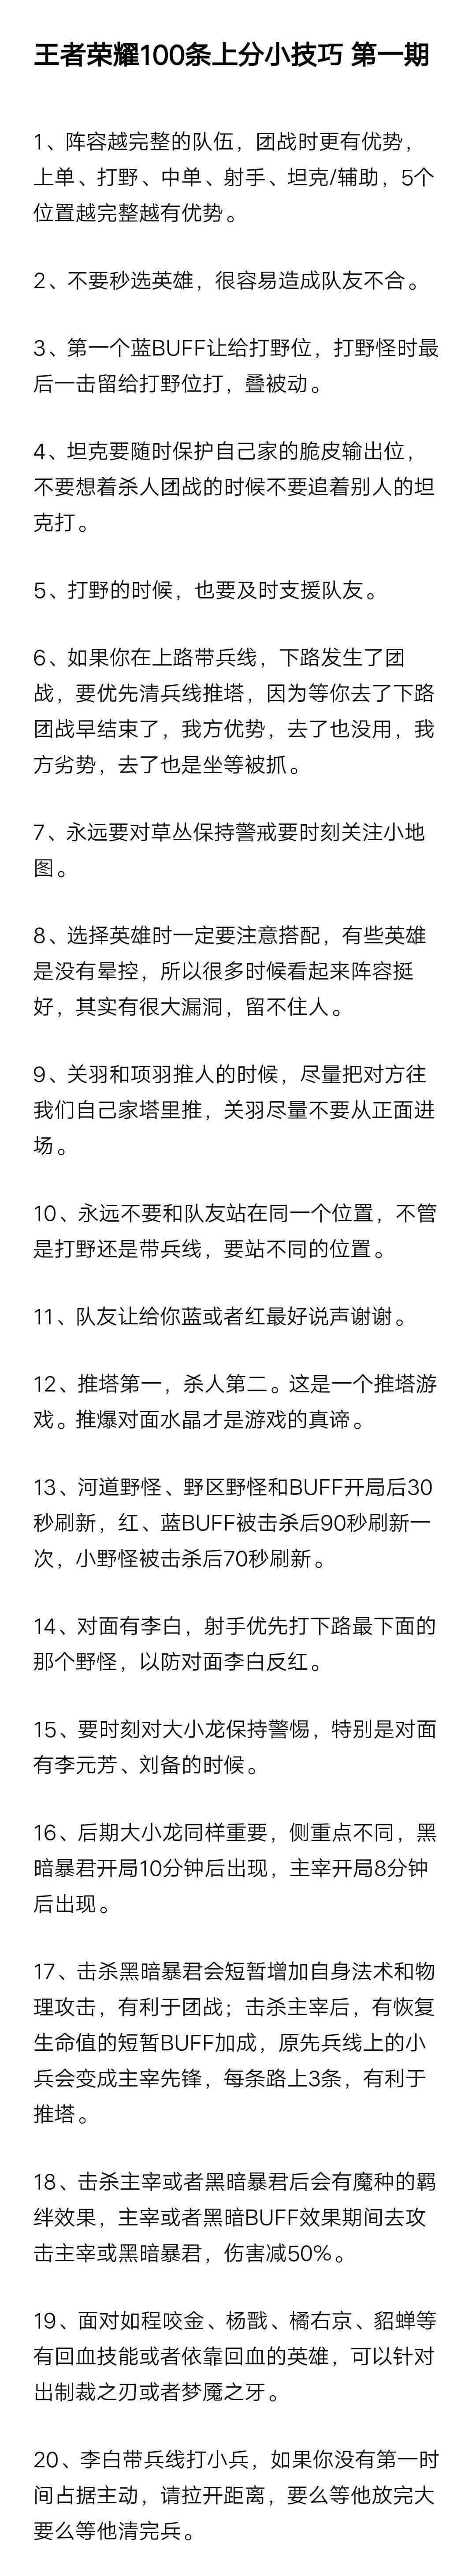 『知文推送』王者荣耀100条上分小技巧 第一期